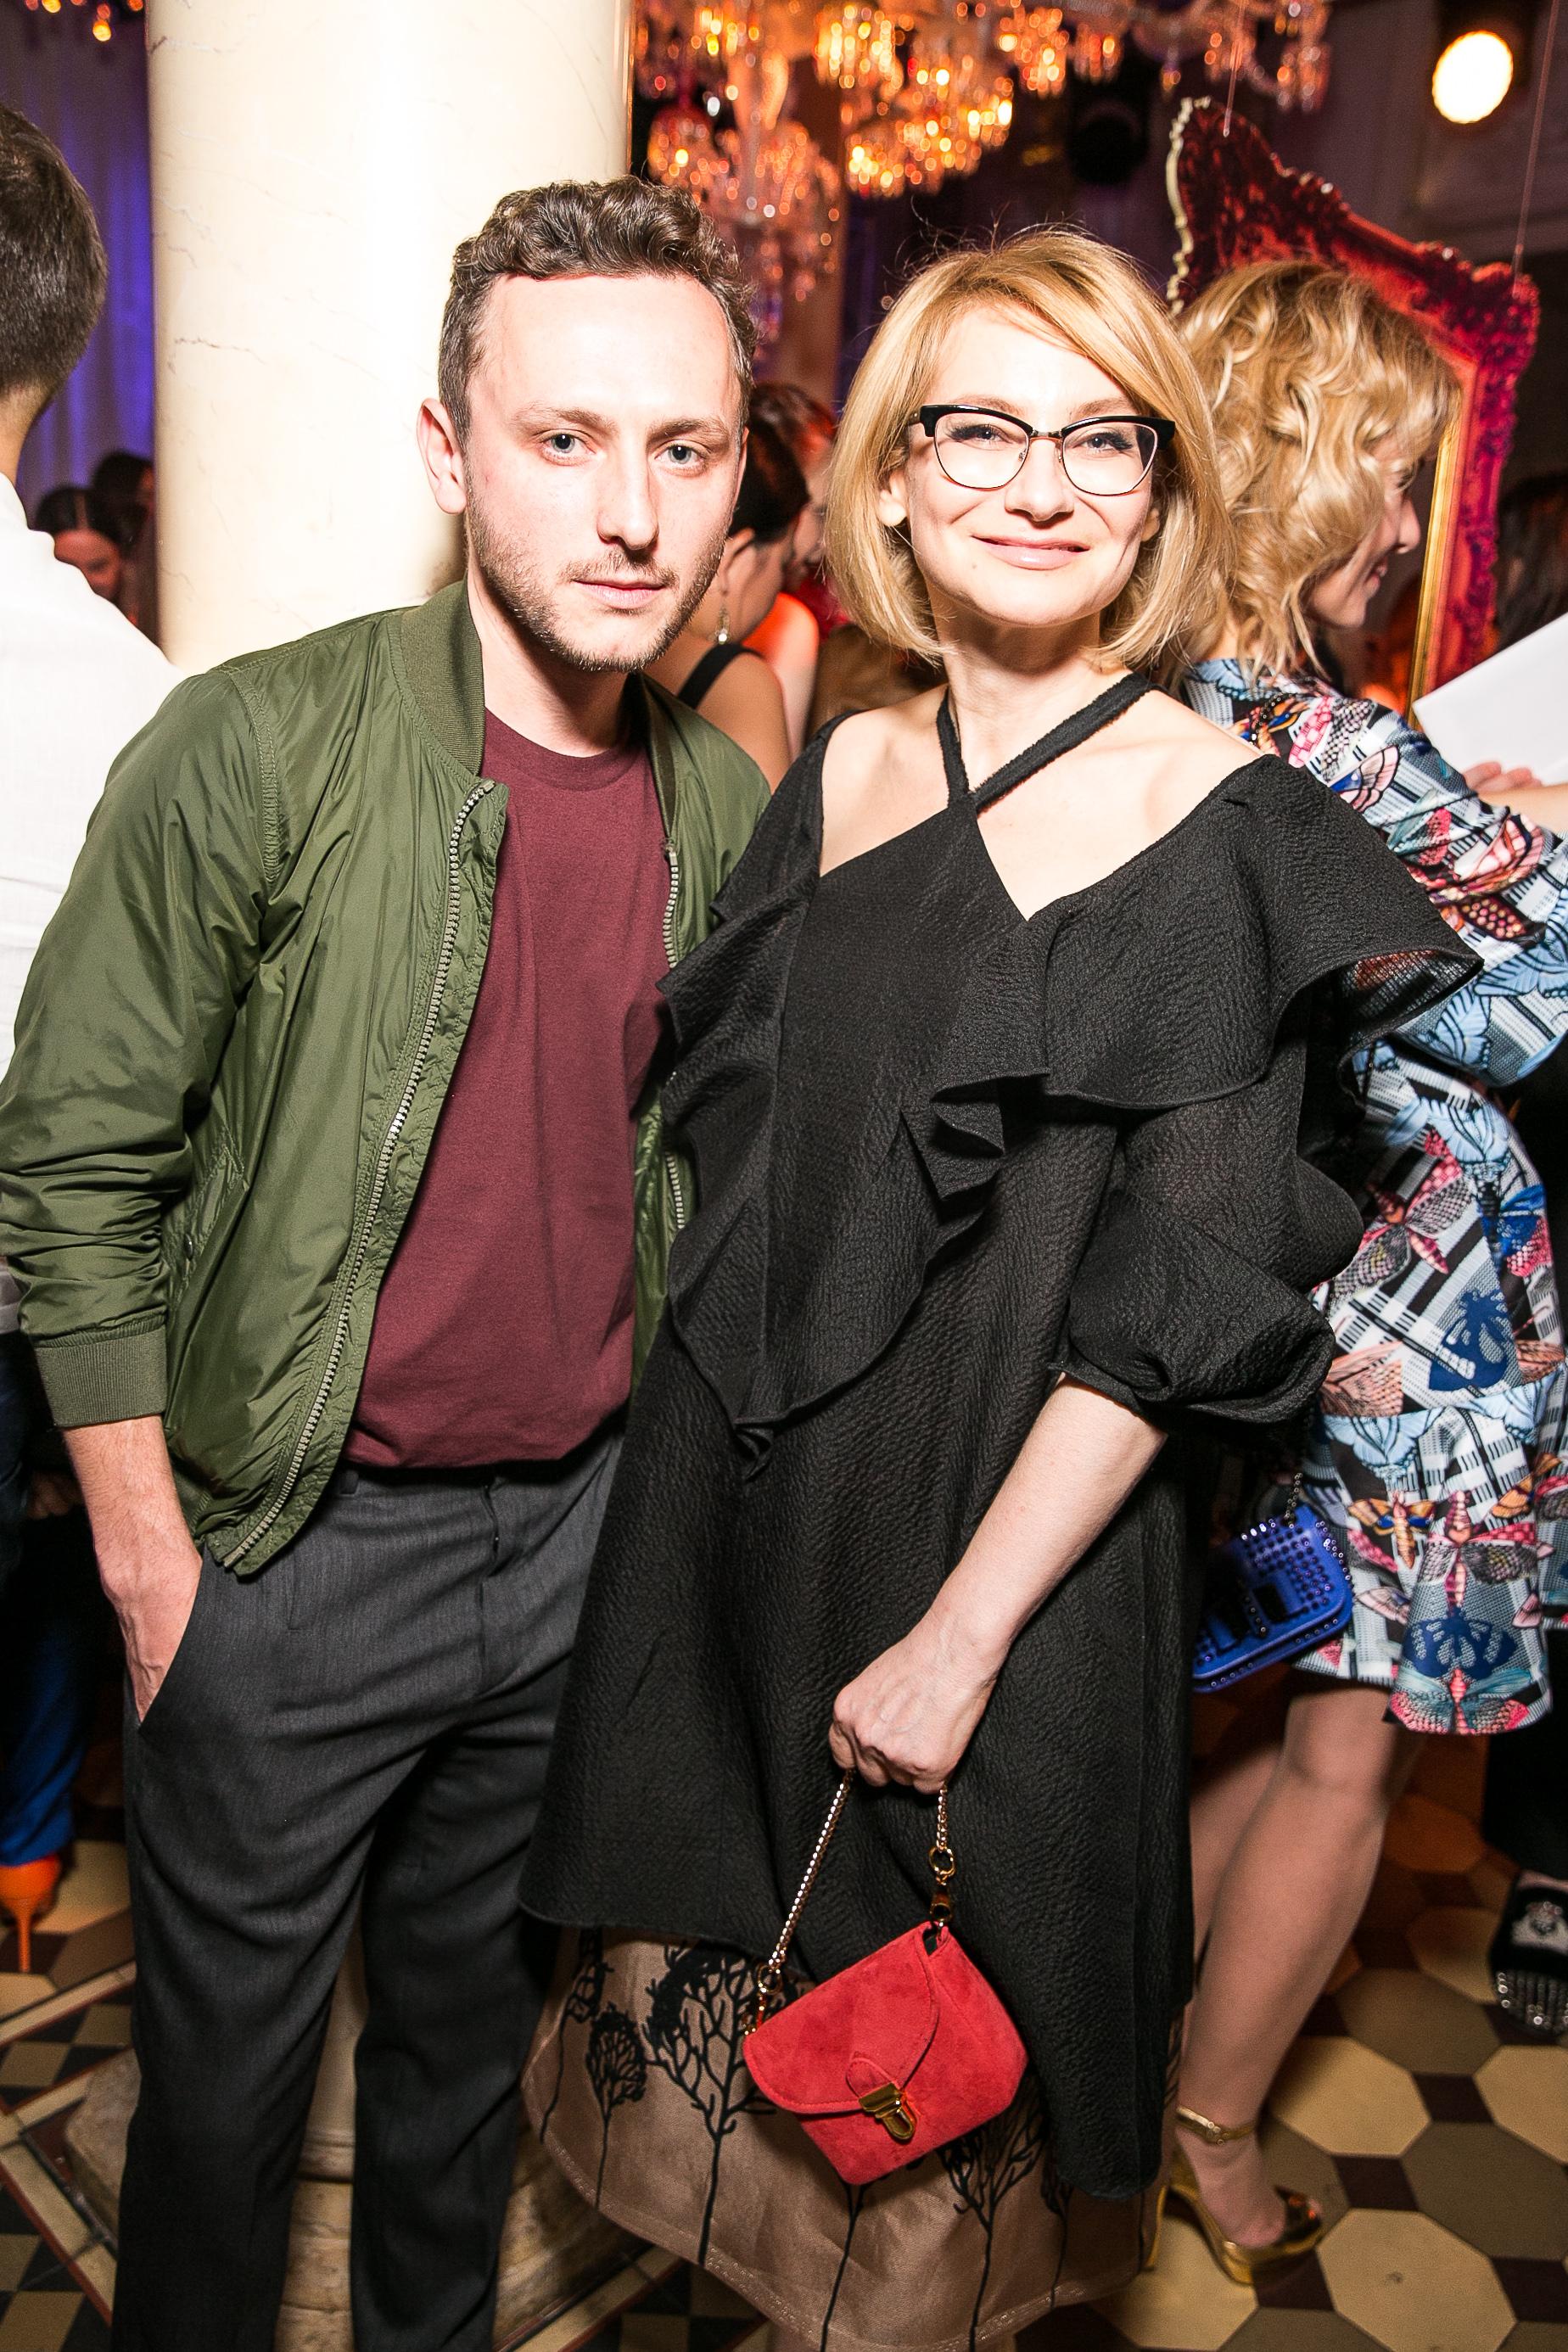 Дизайнер Андрей Артемов и журналист Эвелина Хромченко